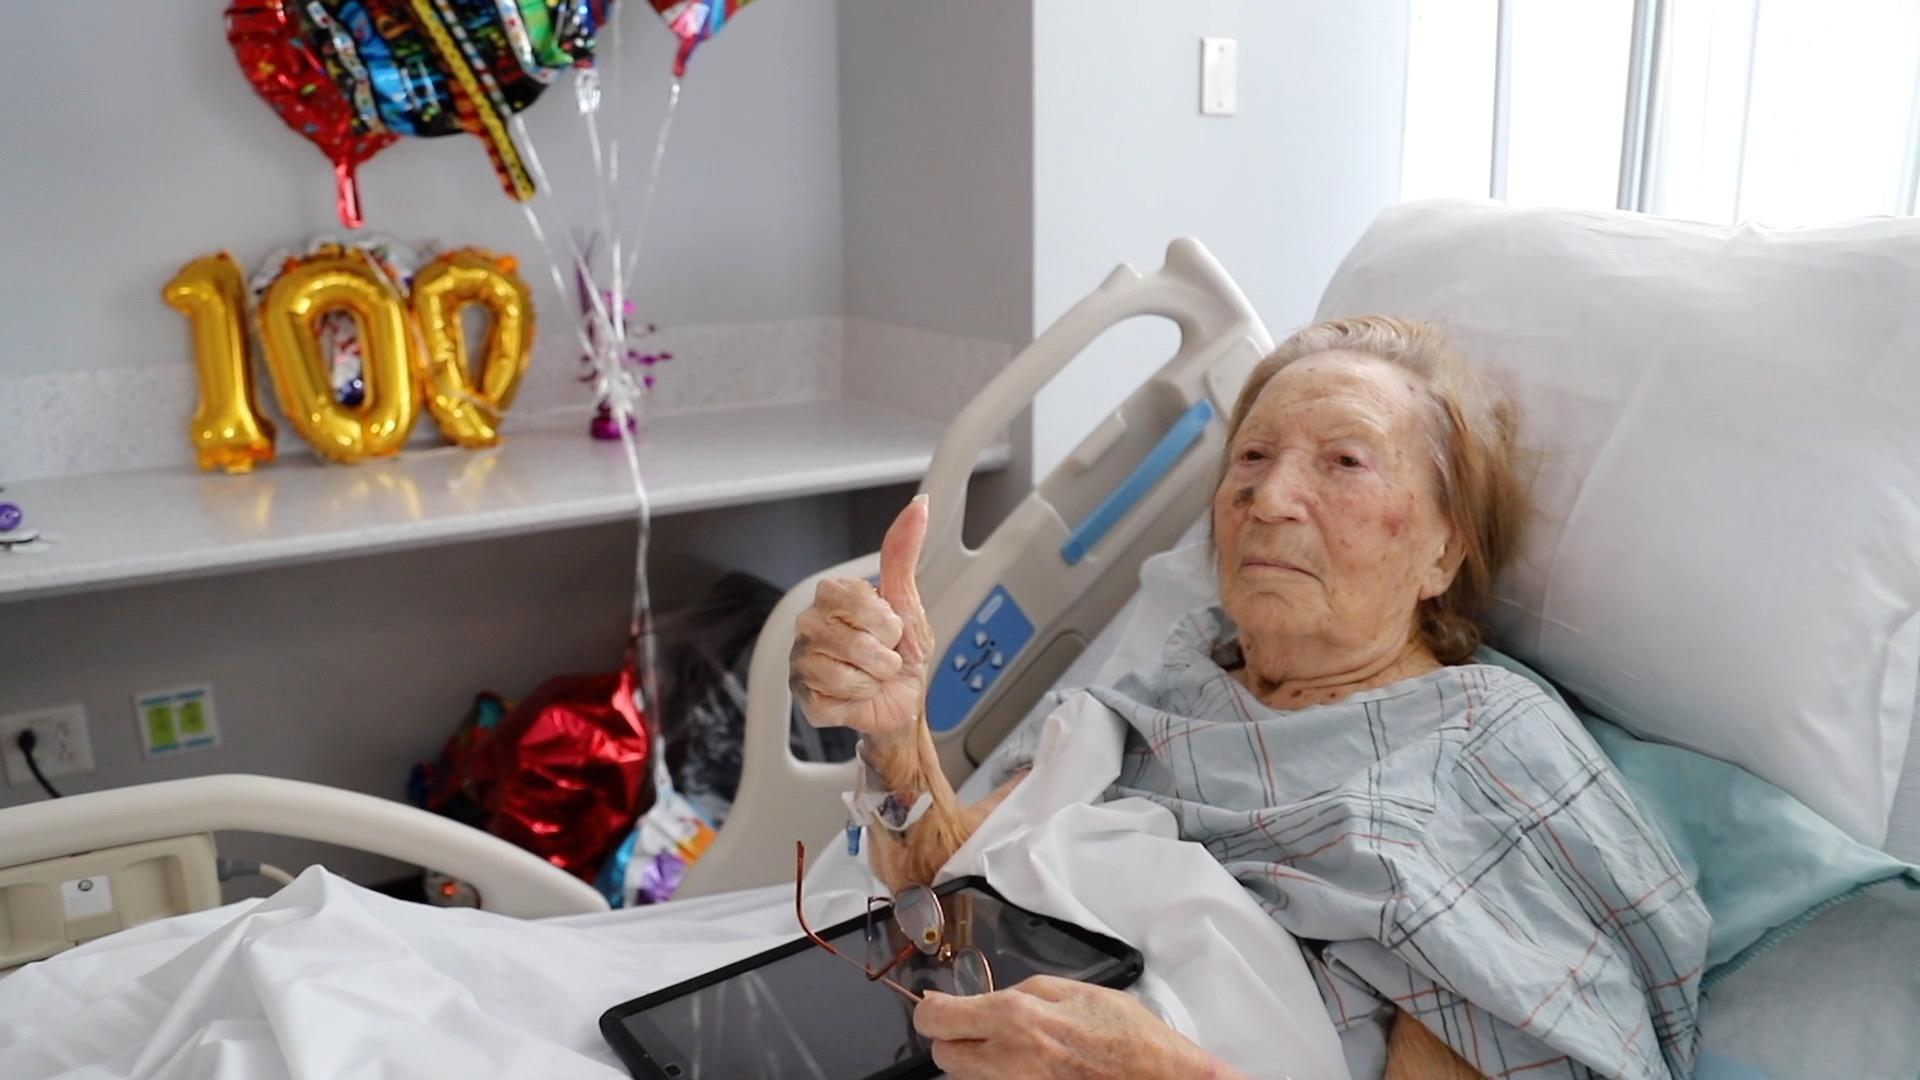 100 year old COVID survivor